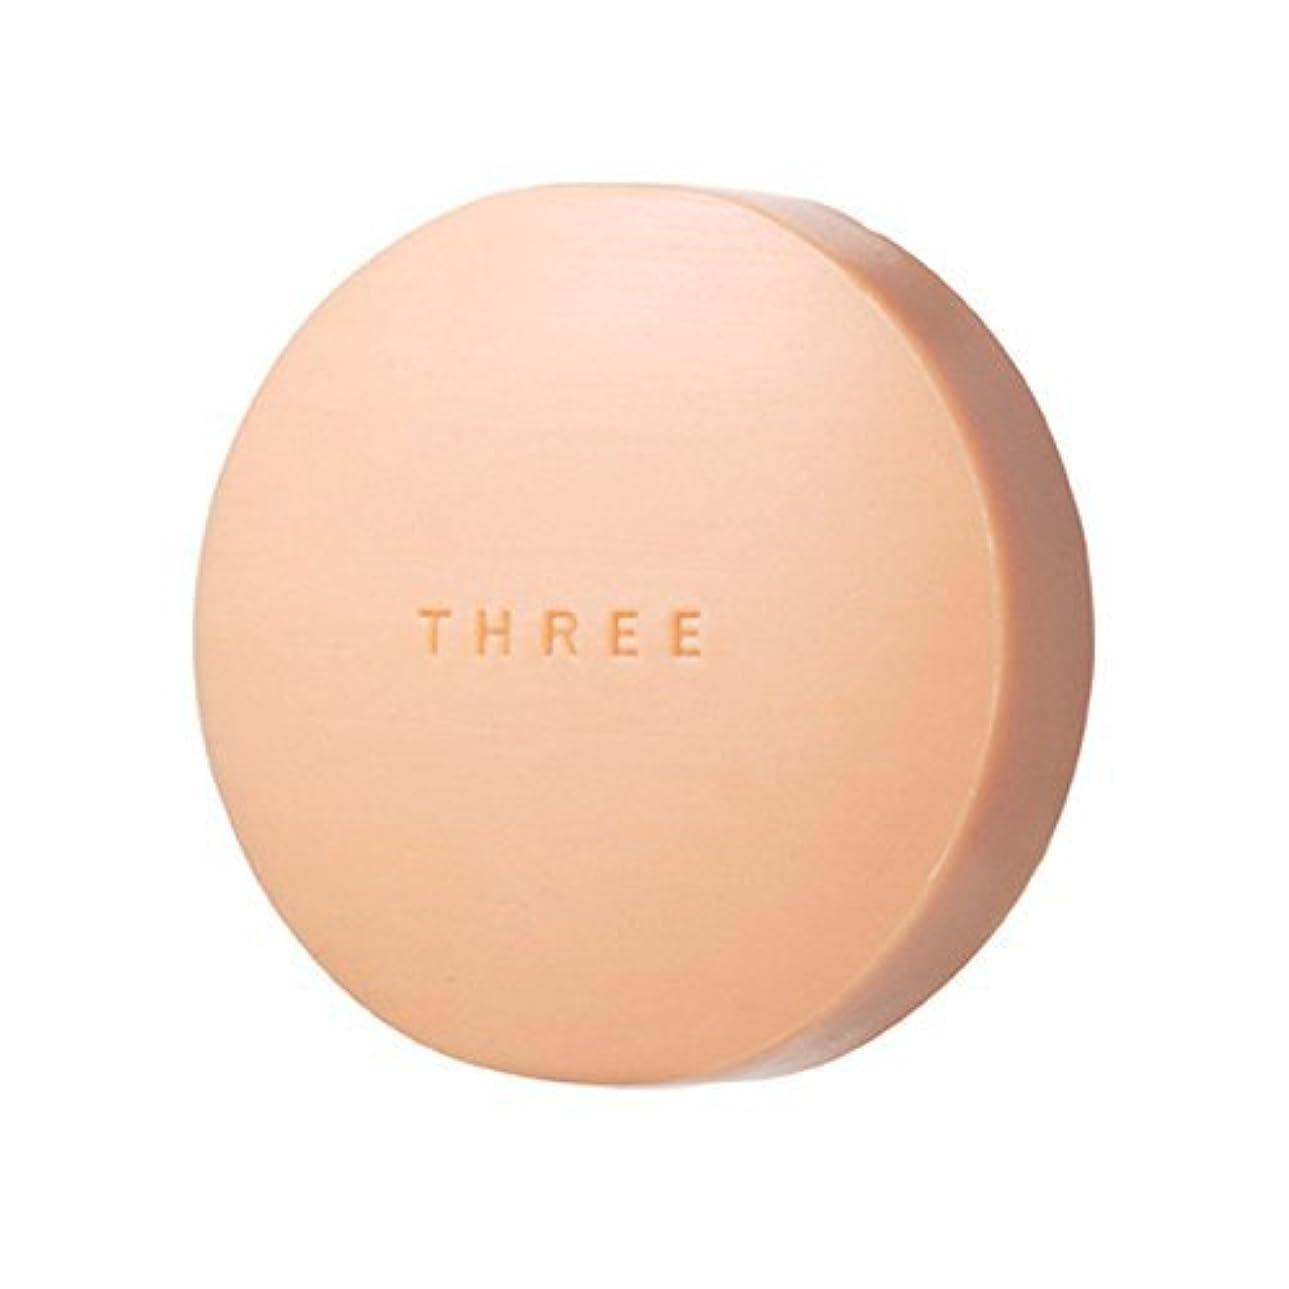 ランプ寛大さ百科事典THREE(スリー) THREE エミング ソープ 80g